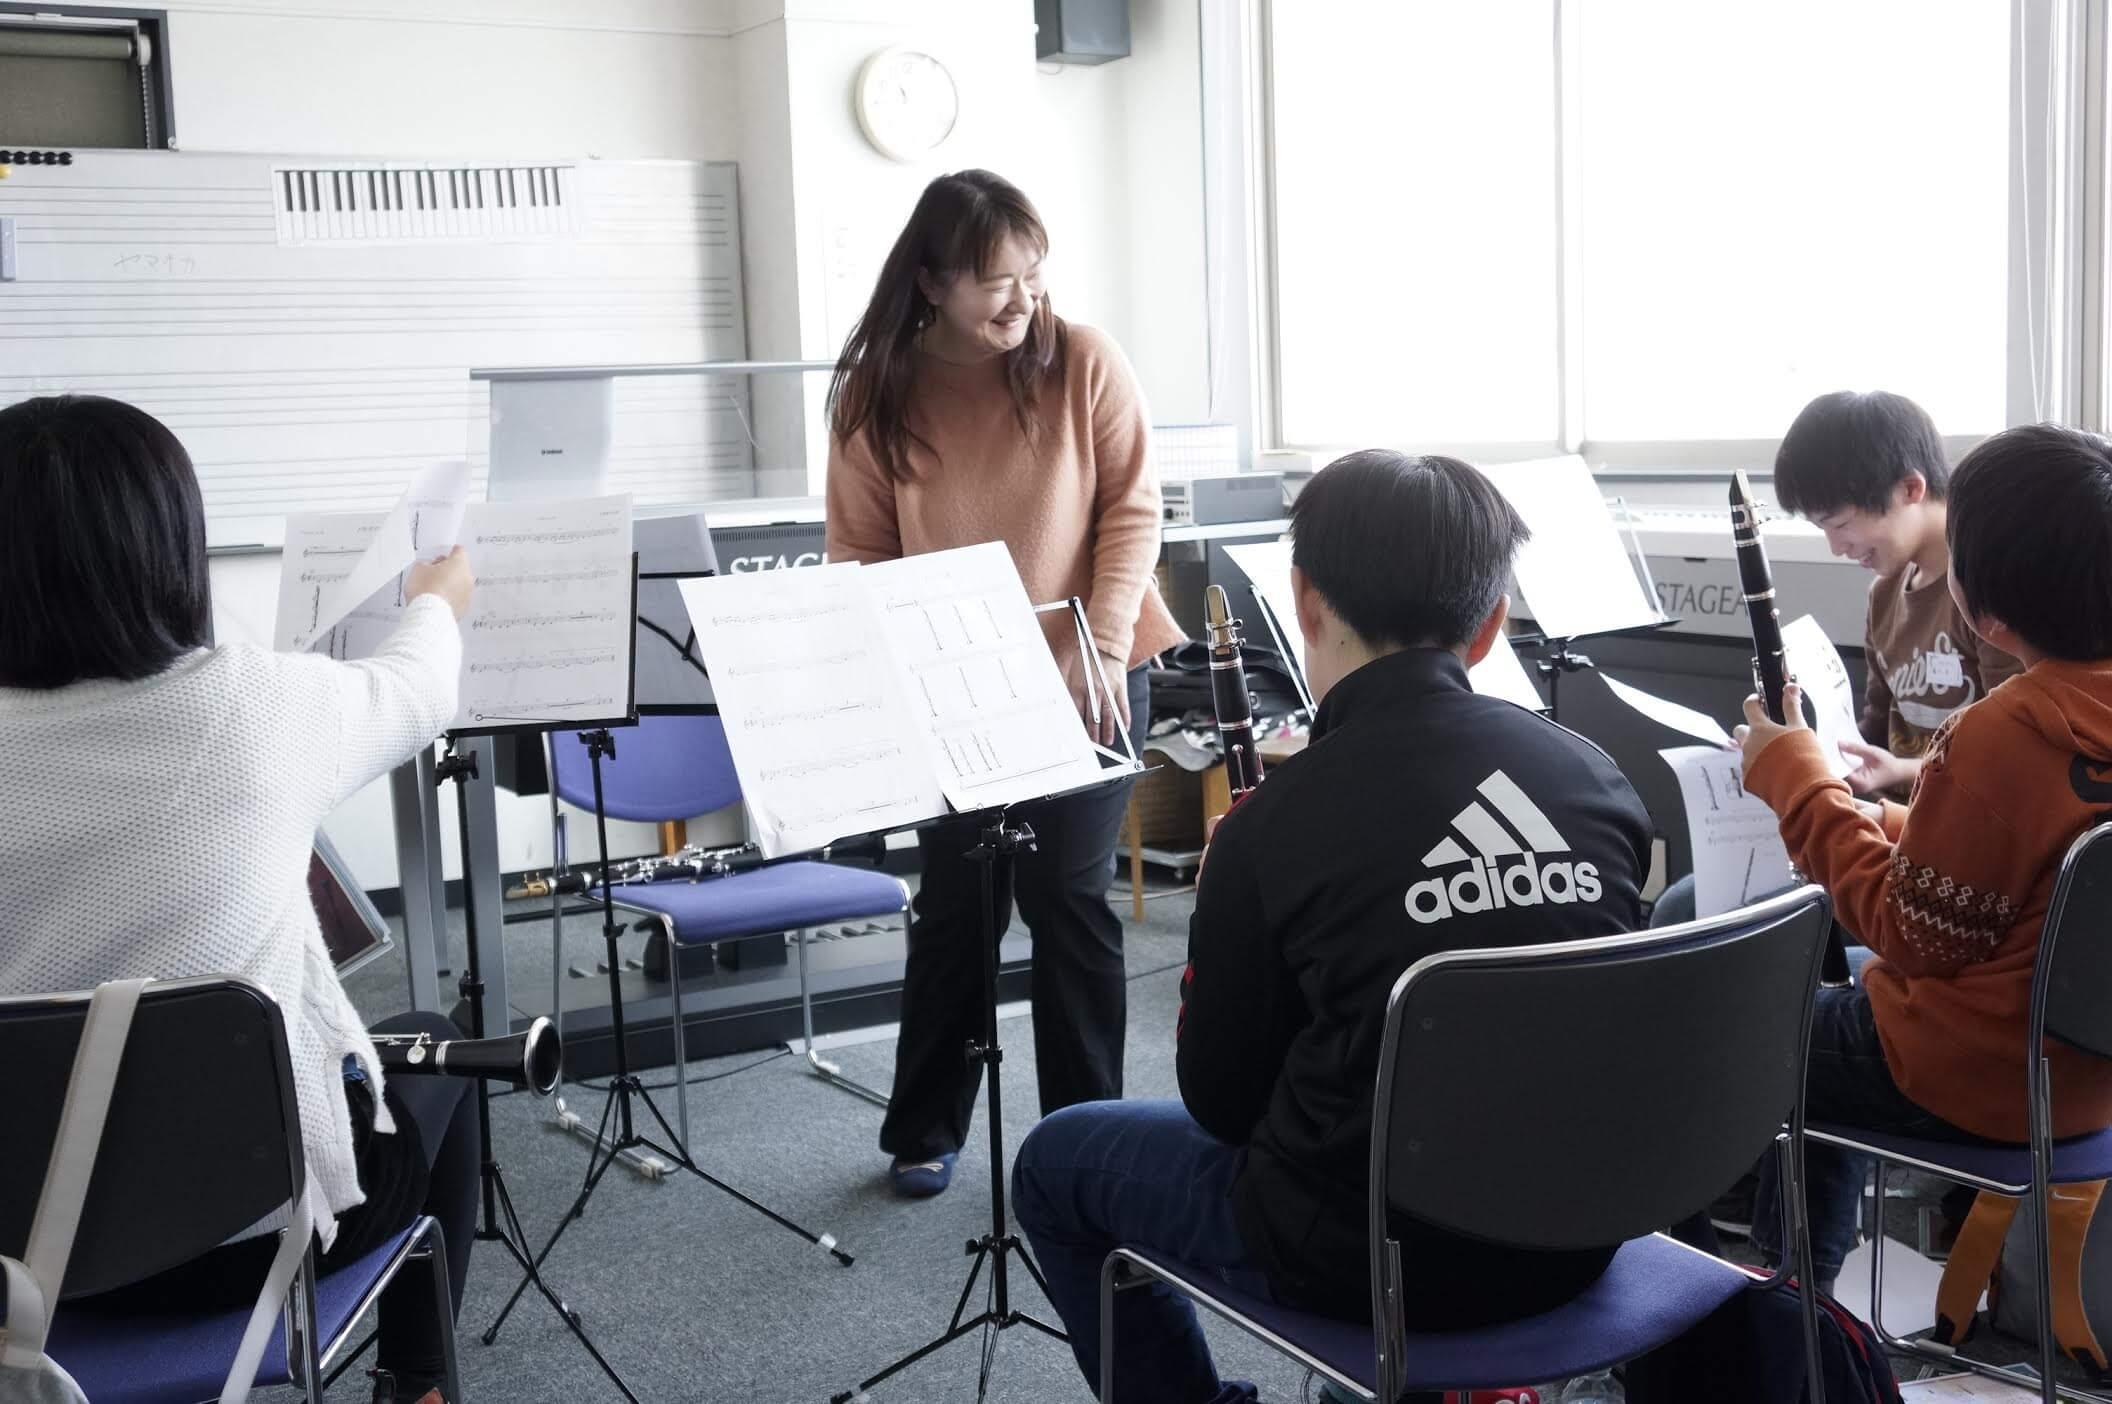 「わくわくアンサンブル体験」でこの春管楽器デビュー?!